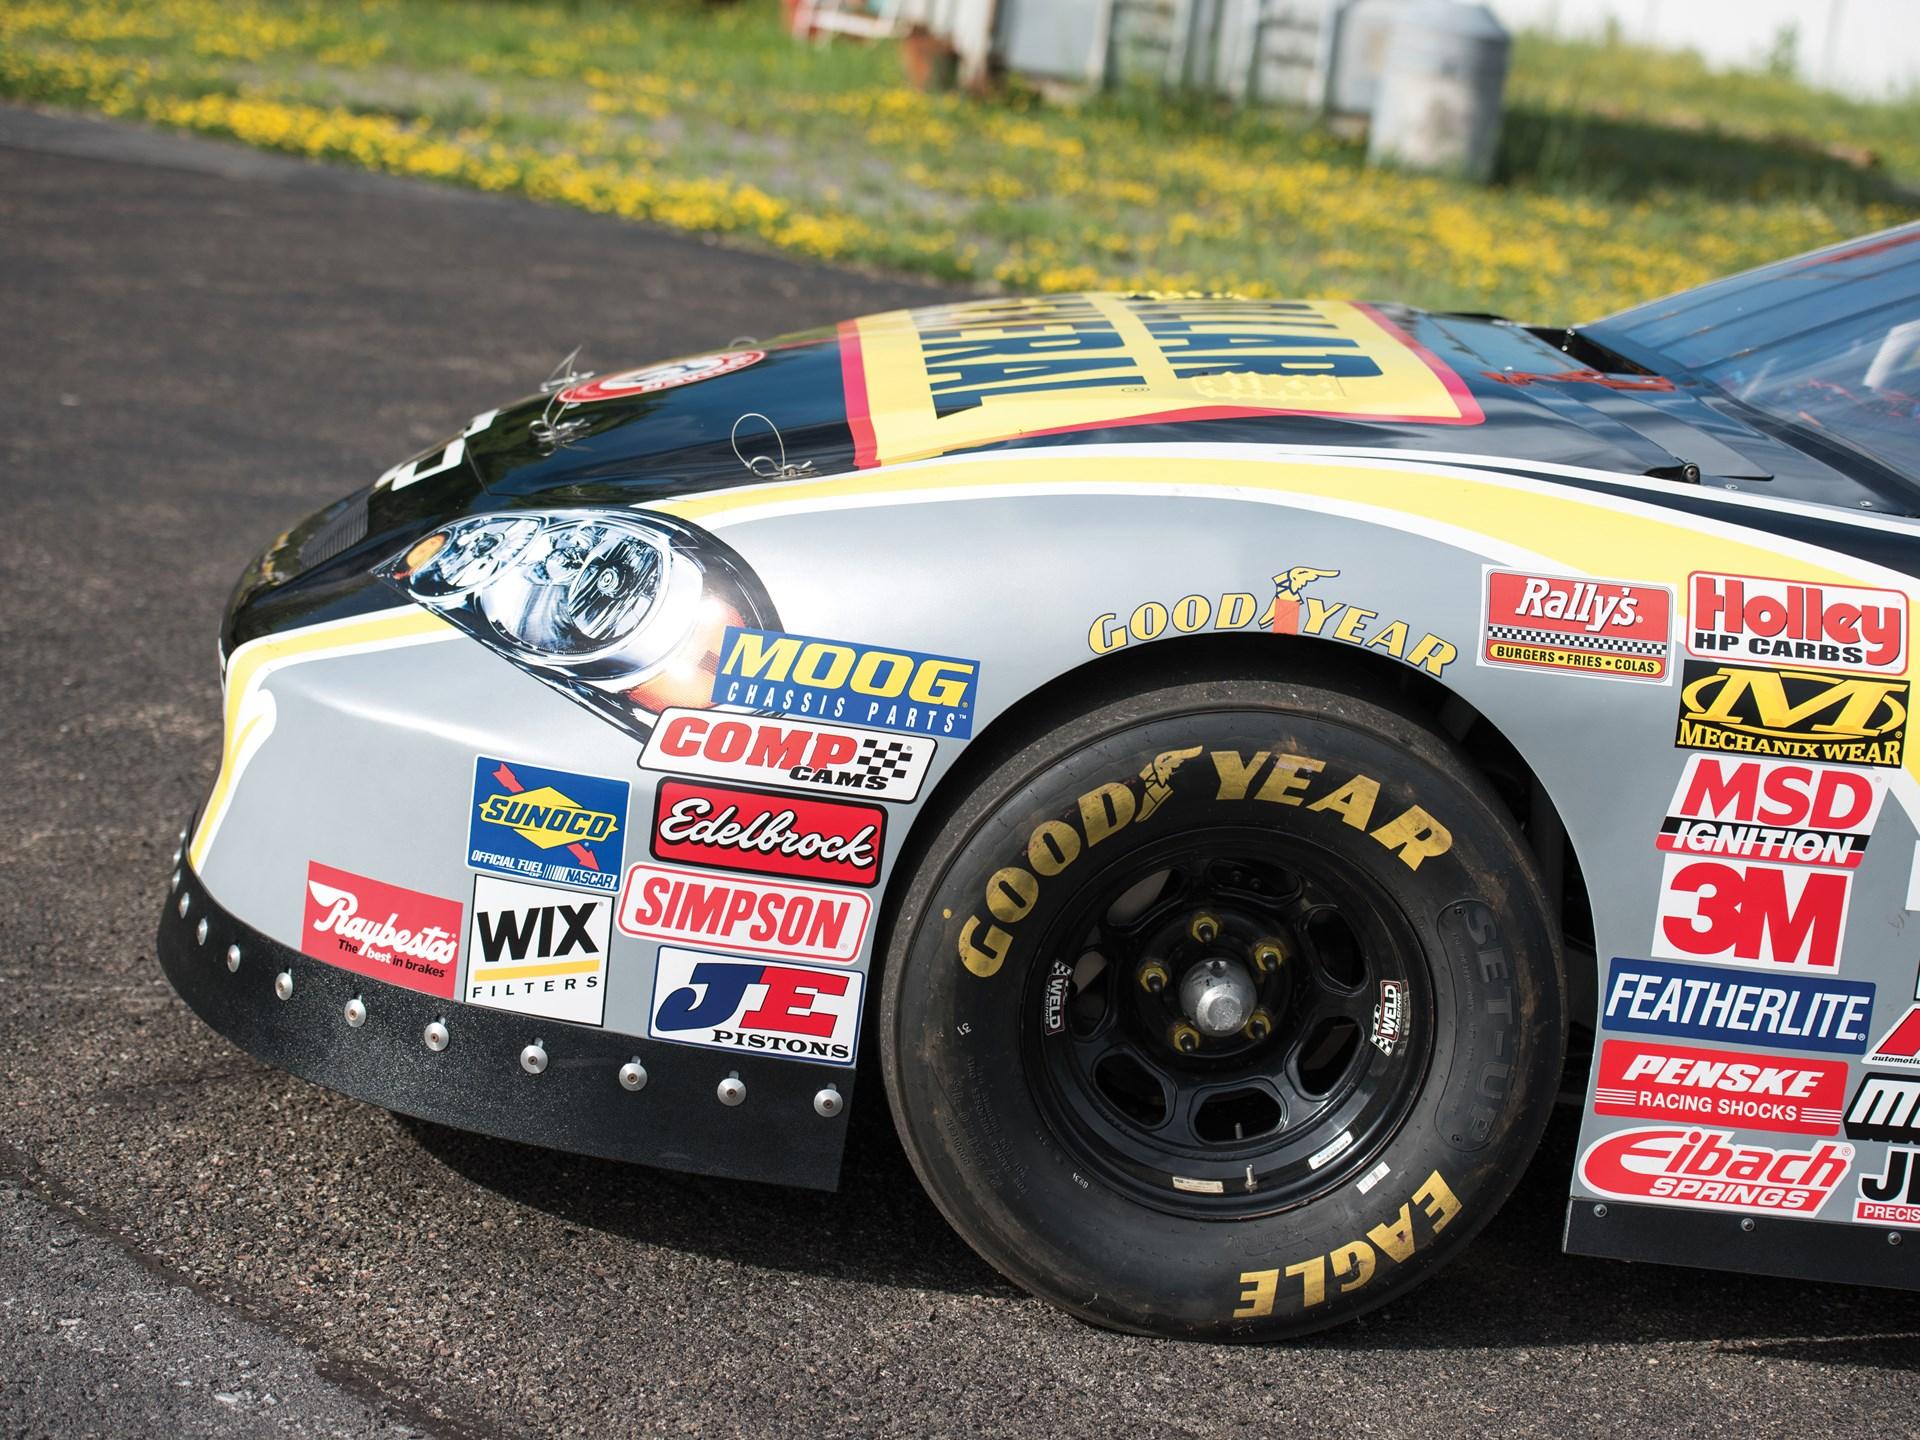 2007 Chevrolet Monte Carlo SS NASCAR Bobby Labonte